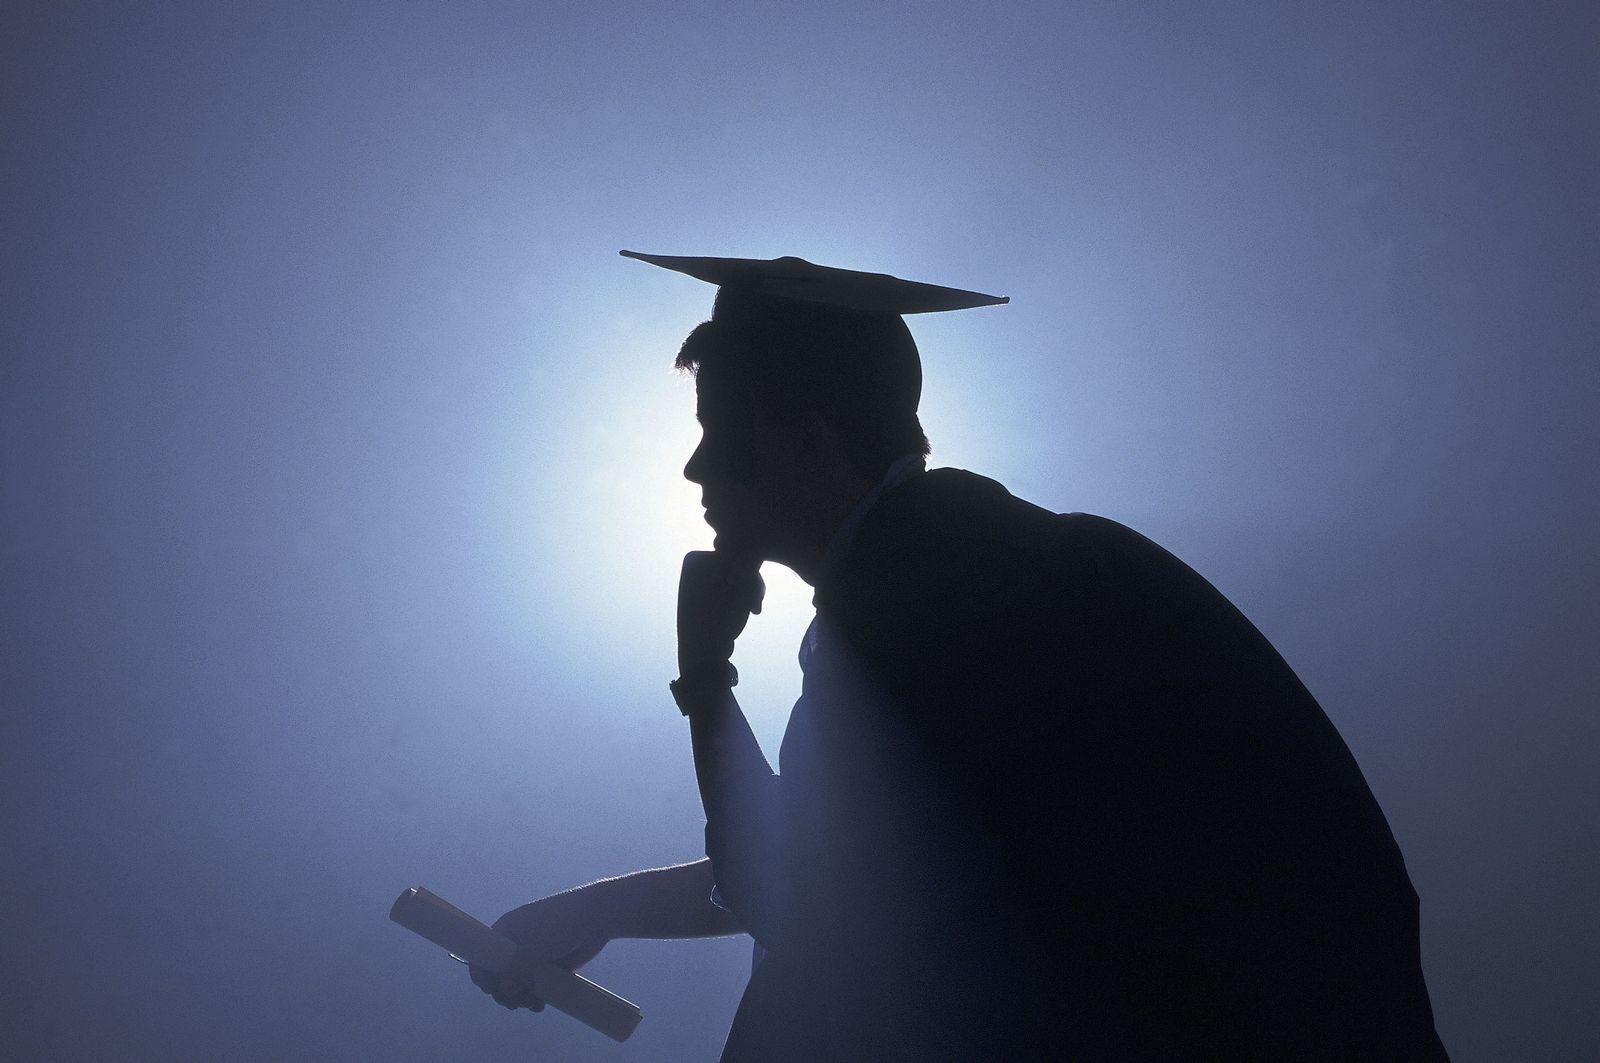 NICHT MEHR VERWENDEN! - THEMEN UniSPIEGEL Doktortitel Promotion Doktorhut Graduierte Doktor Doktoren